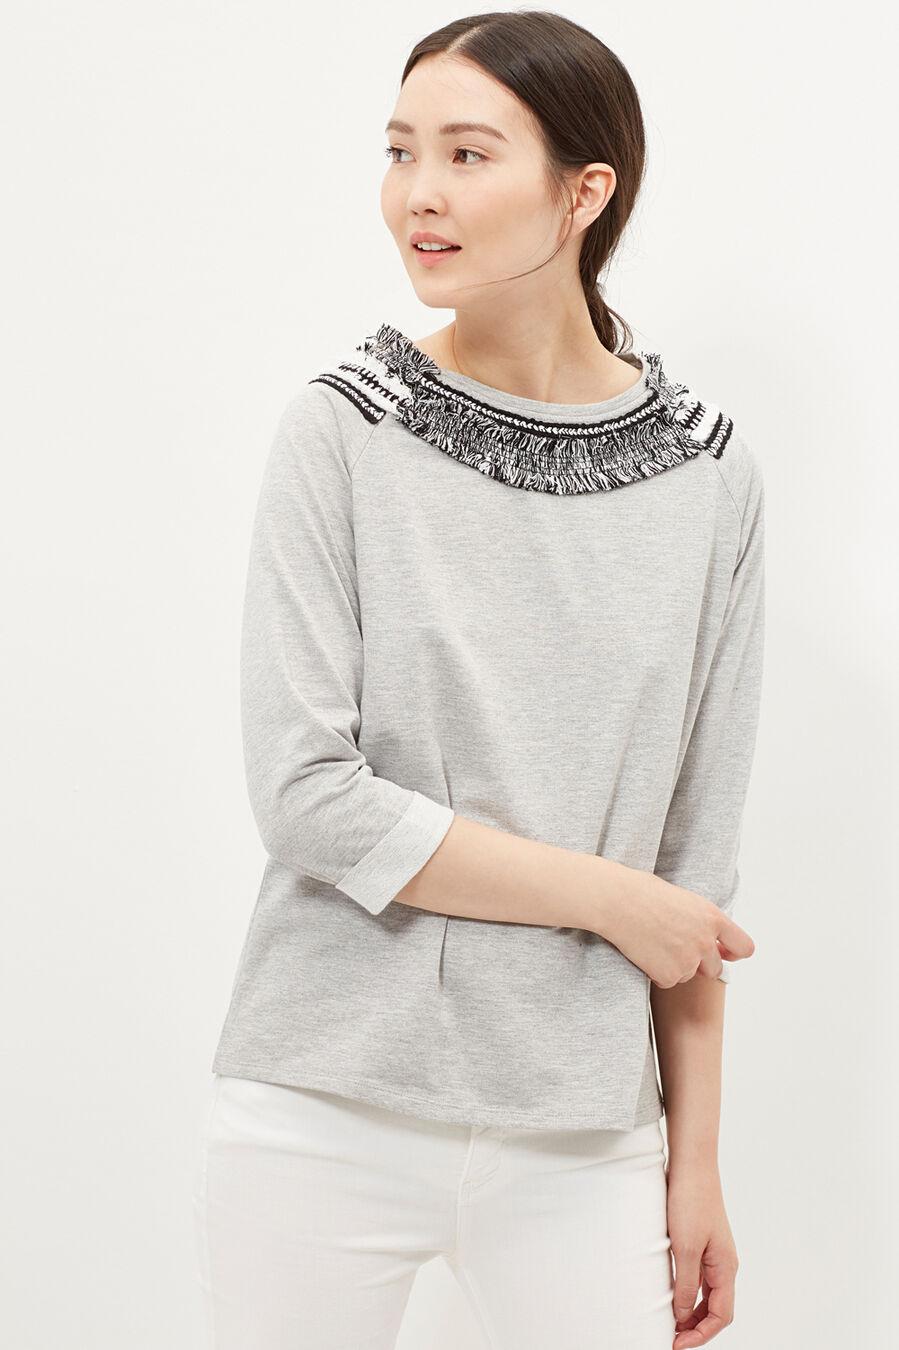 Sweatshirt with fringing